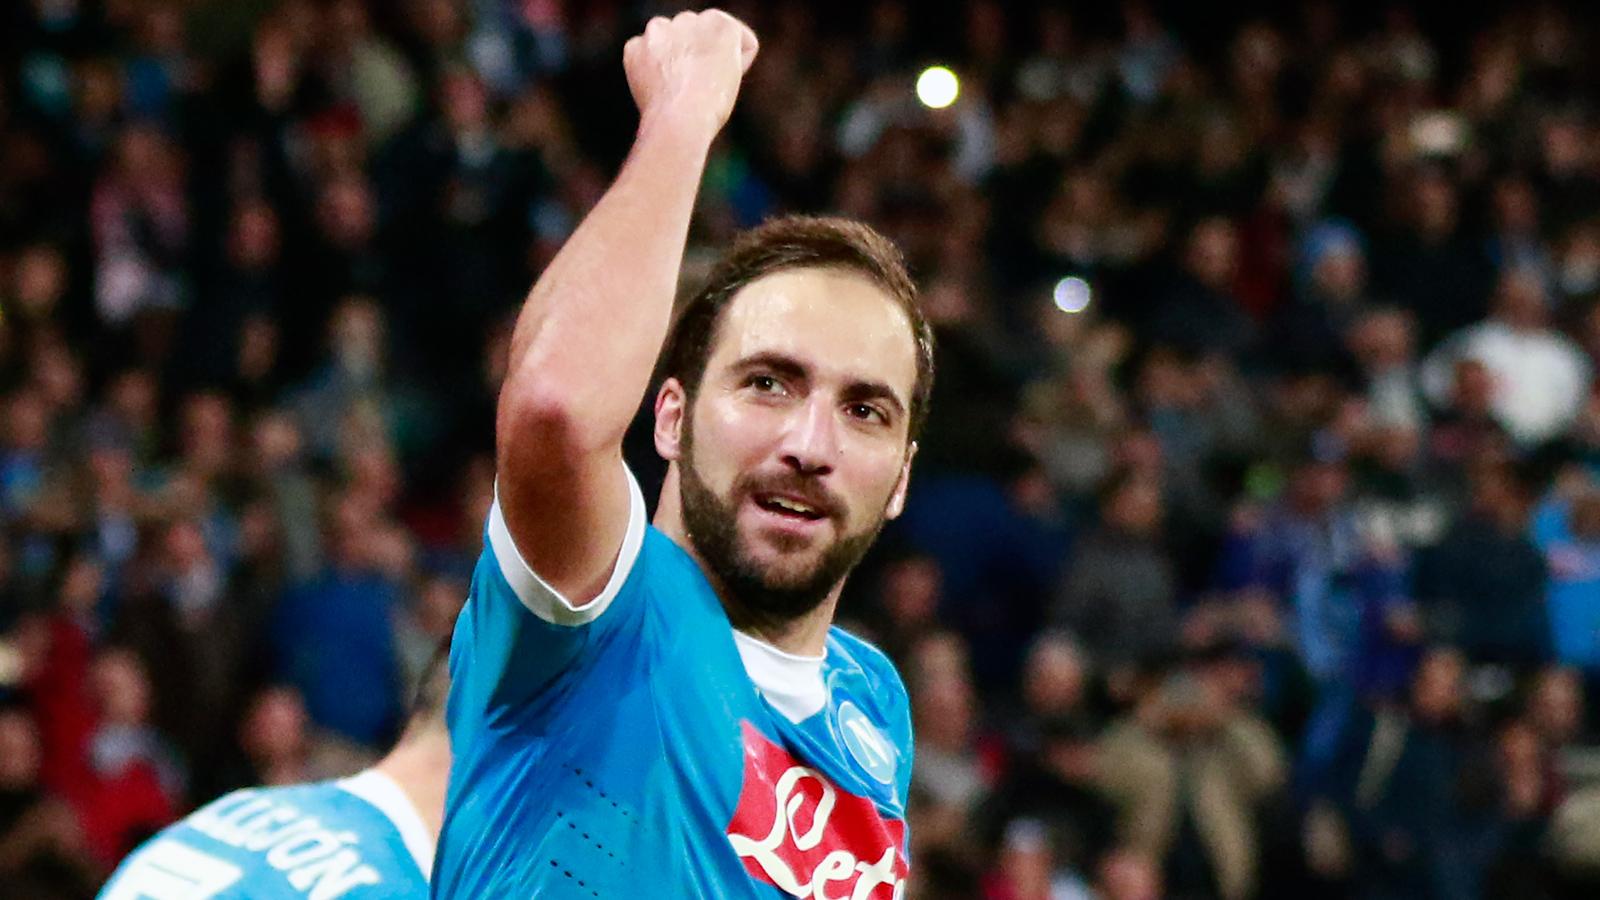 Serie A: Napoli gets boost with win over Inter, Fiorentina draws Sassuolo